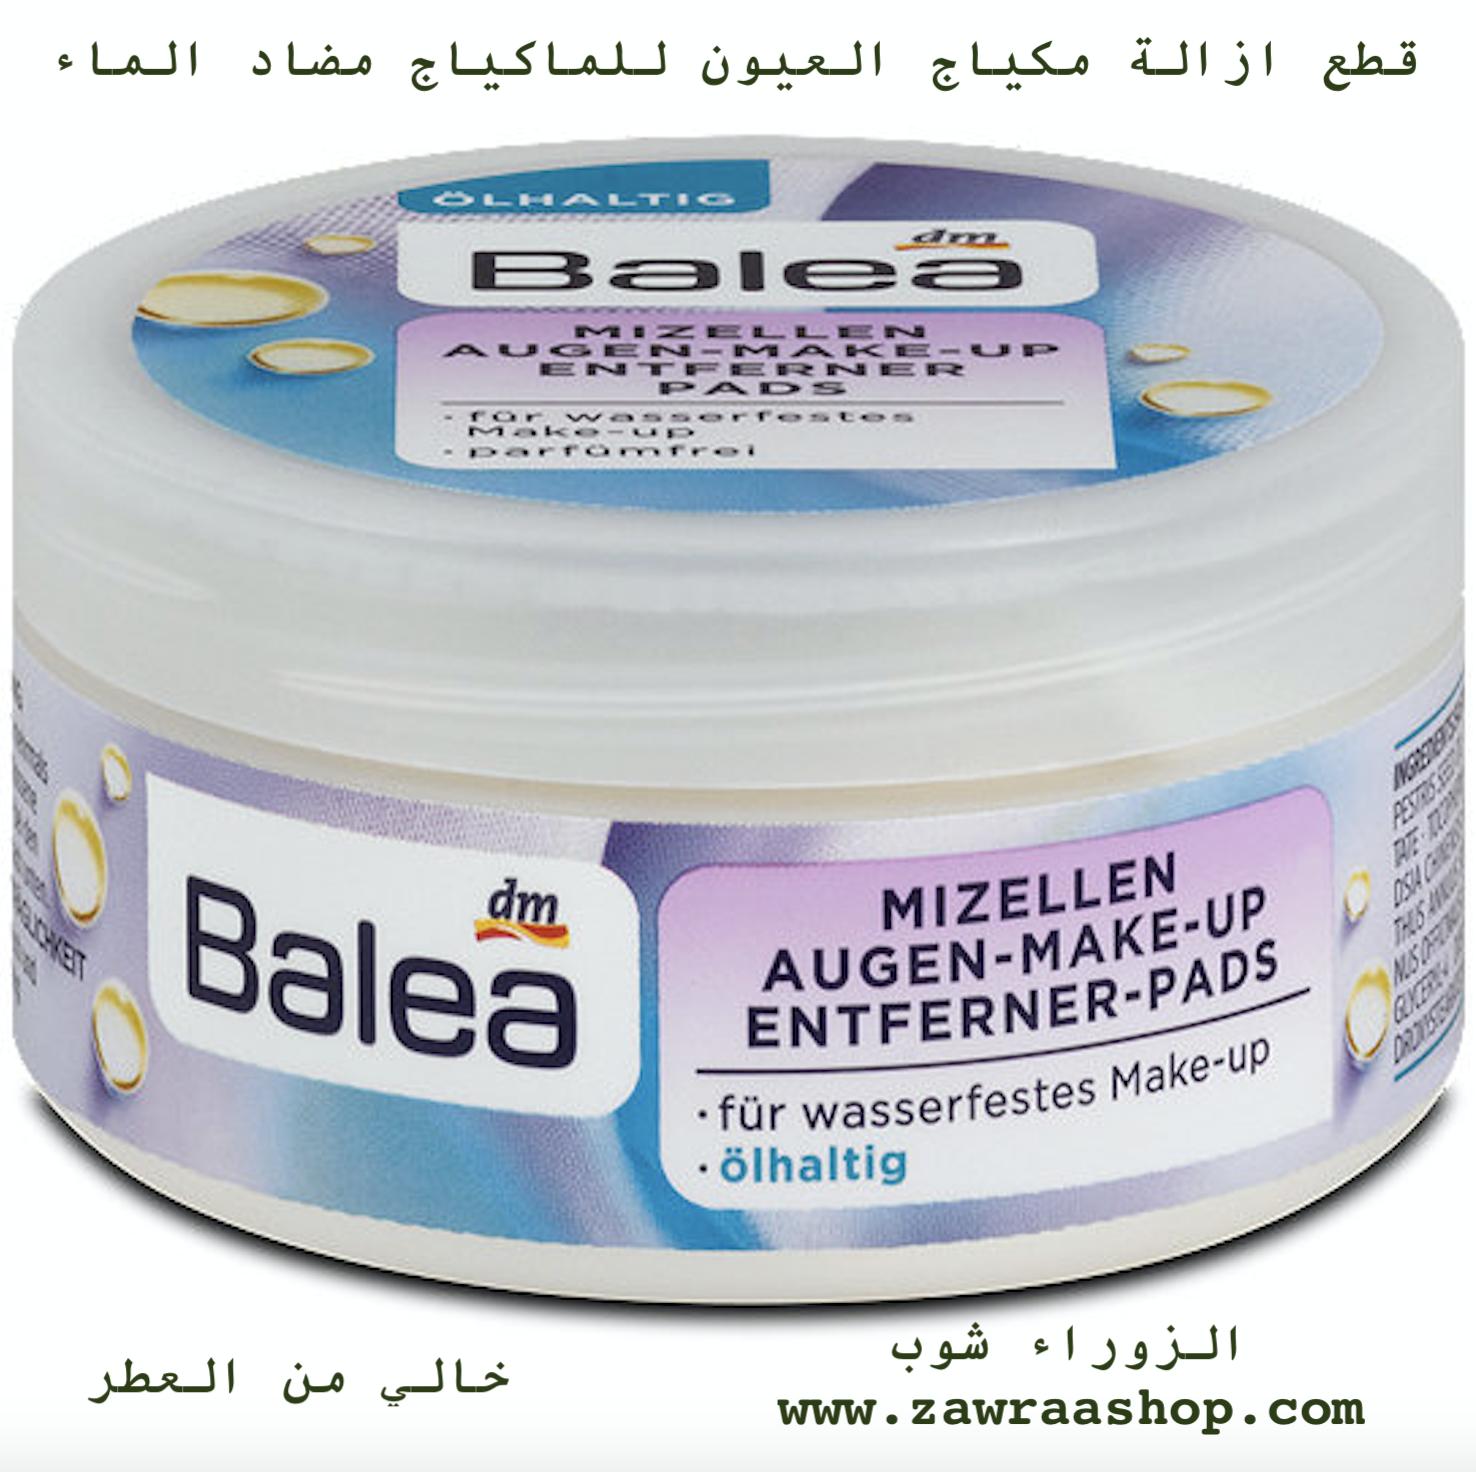 B503 mizellen augen make up entferner pads olhaltig مزيل ماكياج عيون شرائح 00446